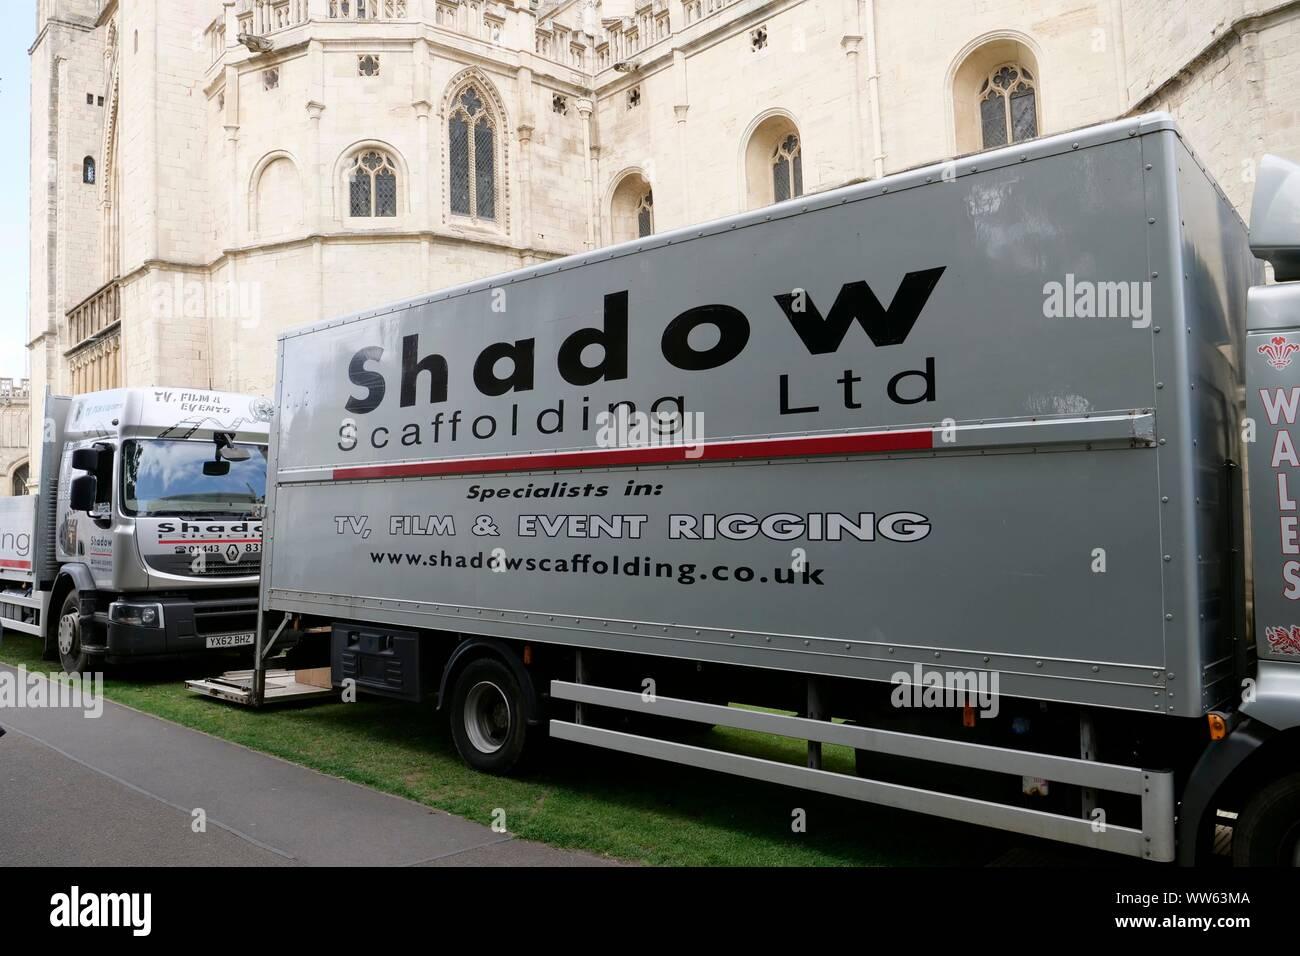 Film Crew einrichten, hinten an der Kathedrale von Gloucester heute, für eine Sky TV-Produktion. Bild von Andrew Higgins / Tausend Wort Medien Stockfoto